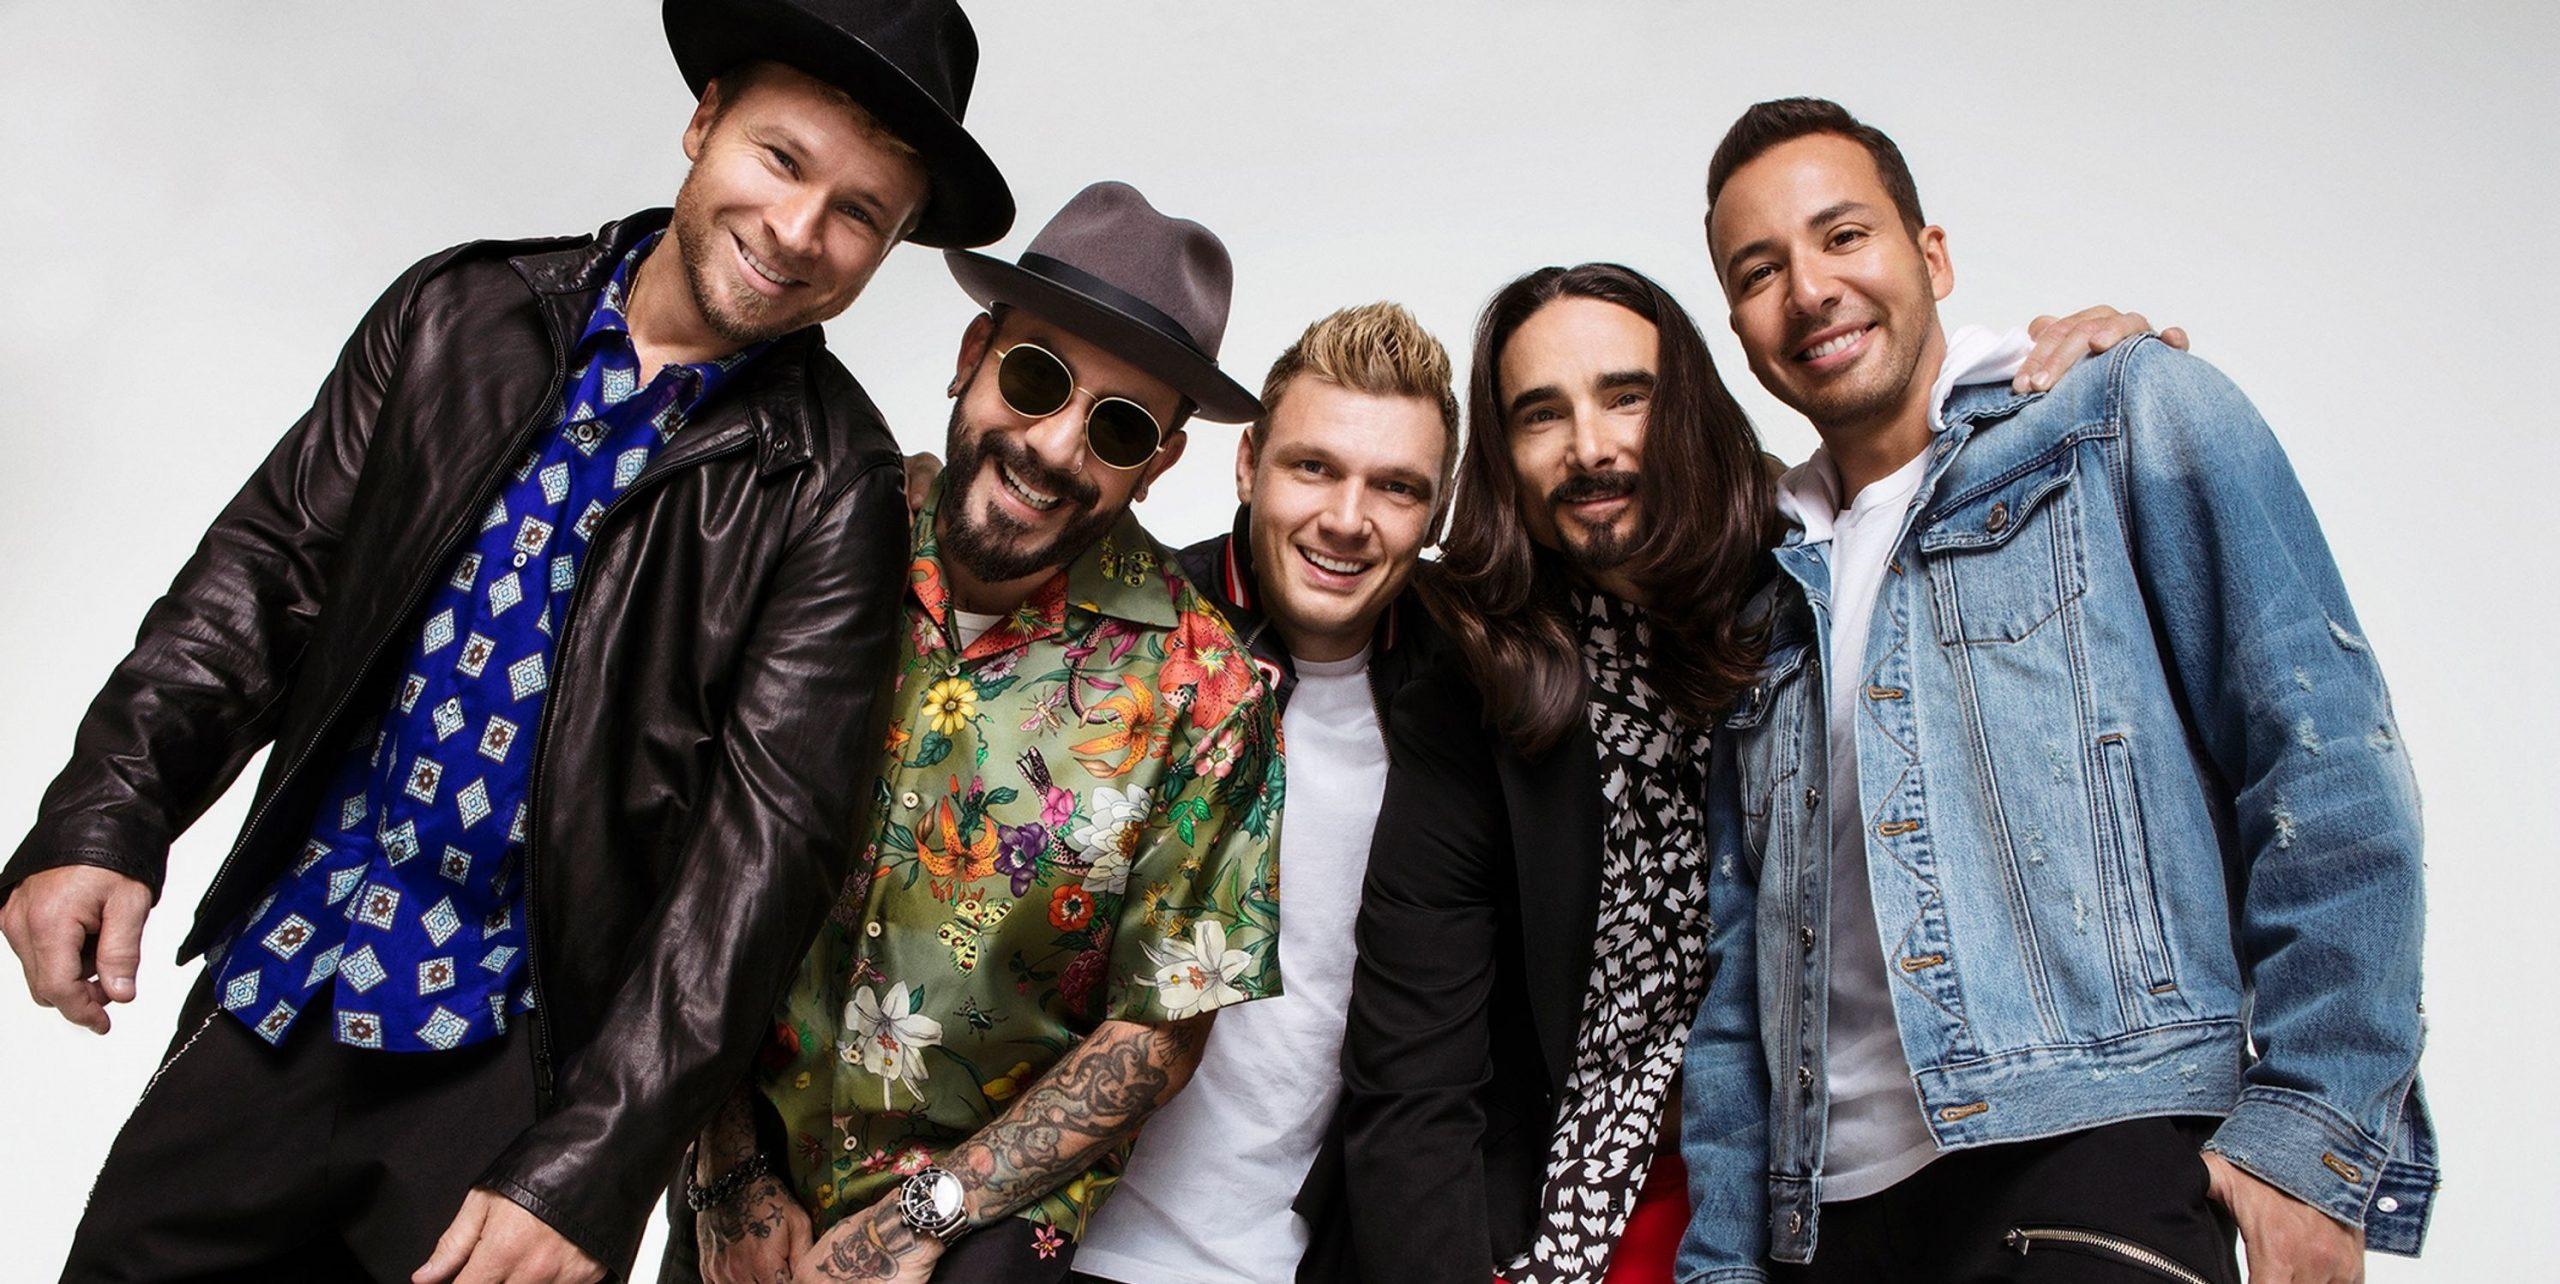 Fãs do Backstreet Boys não terão reembolso de show em São Paulo